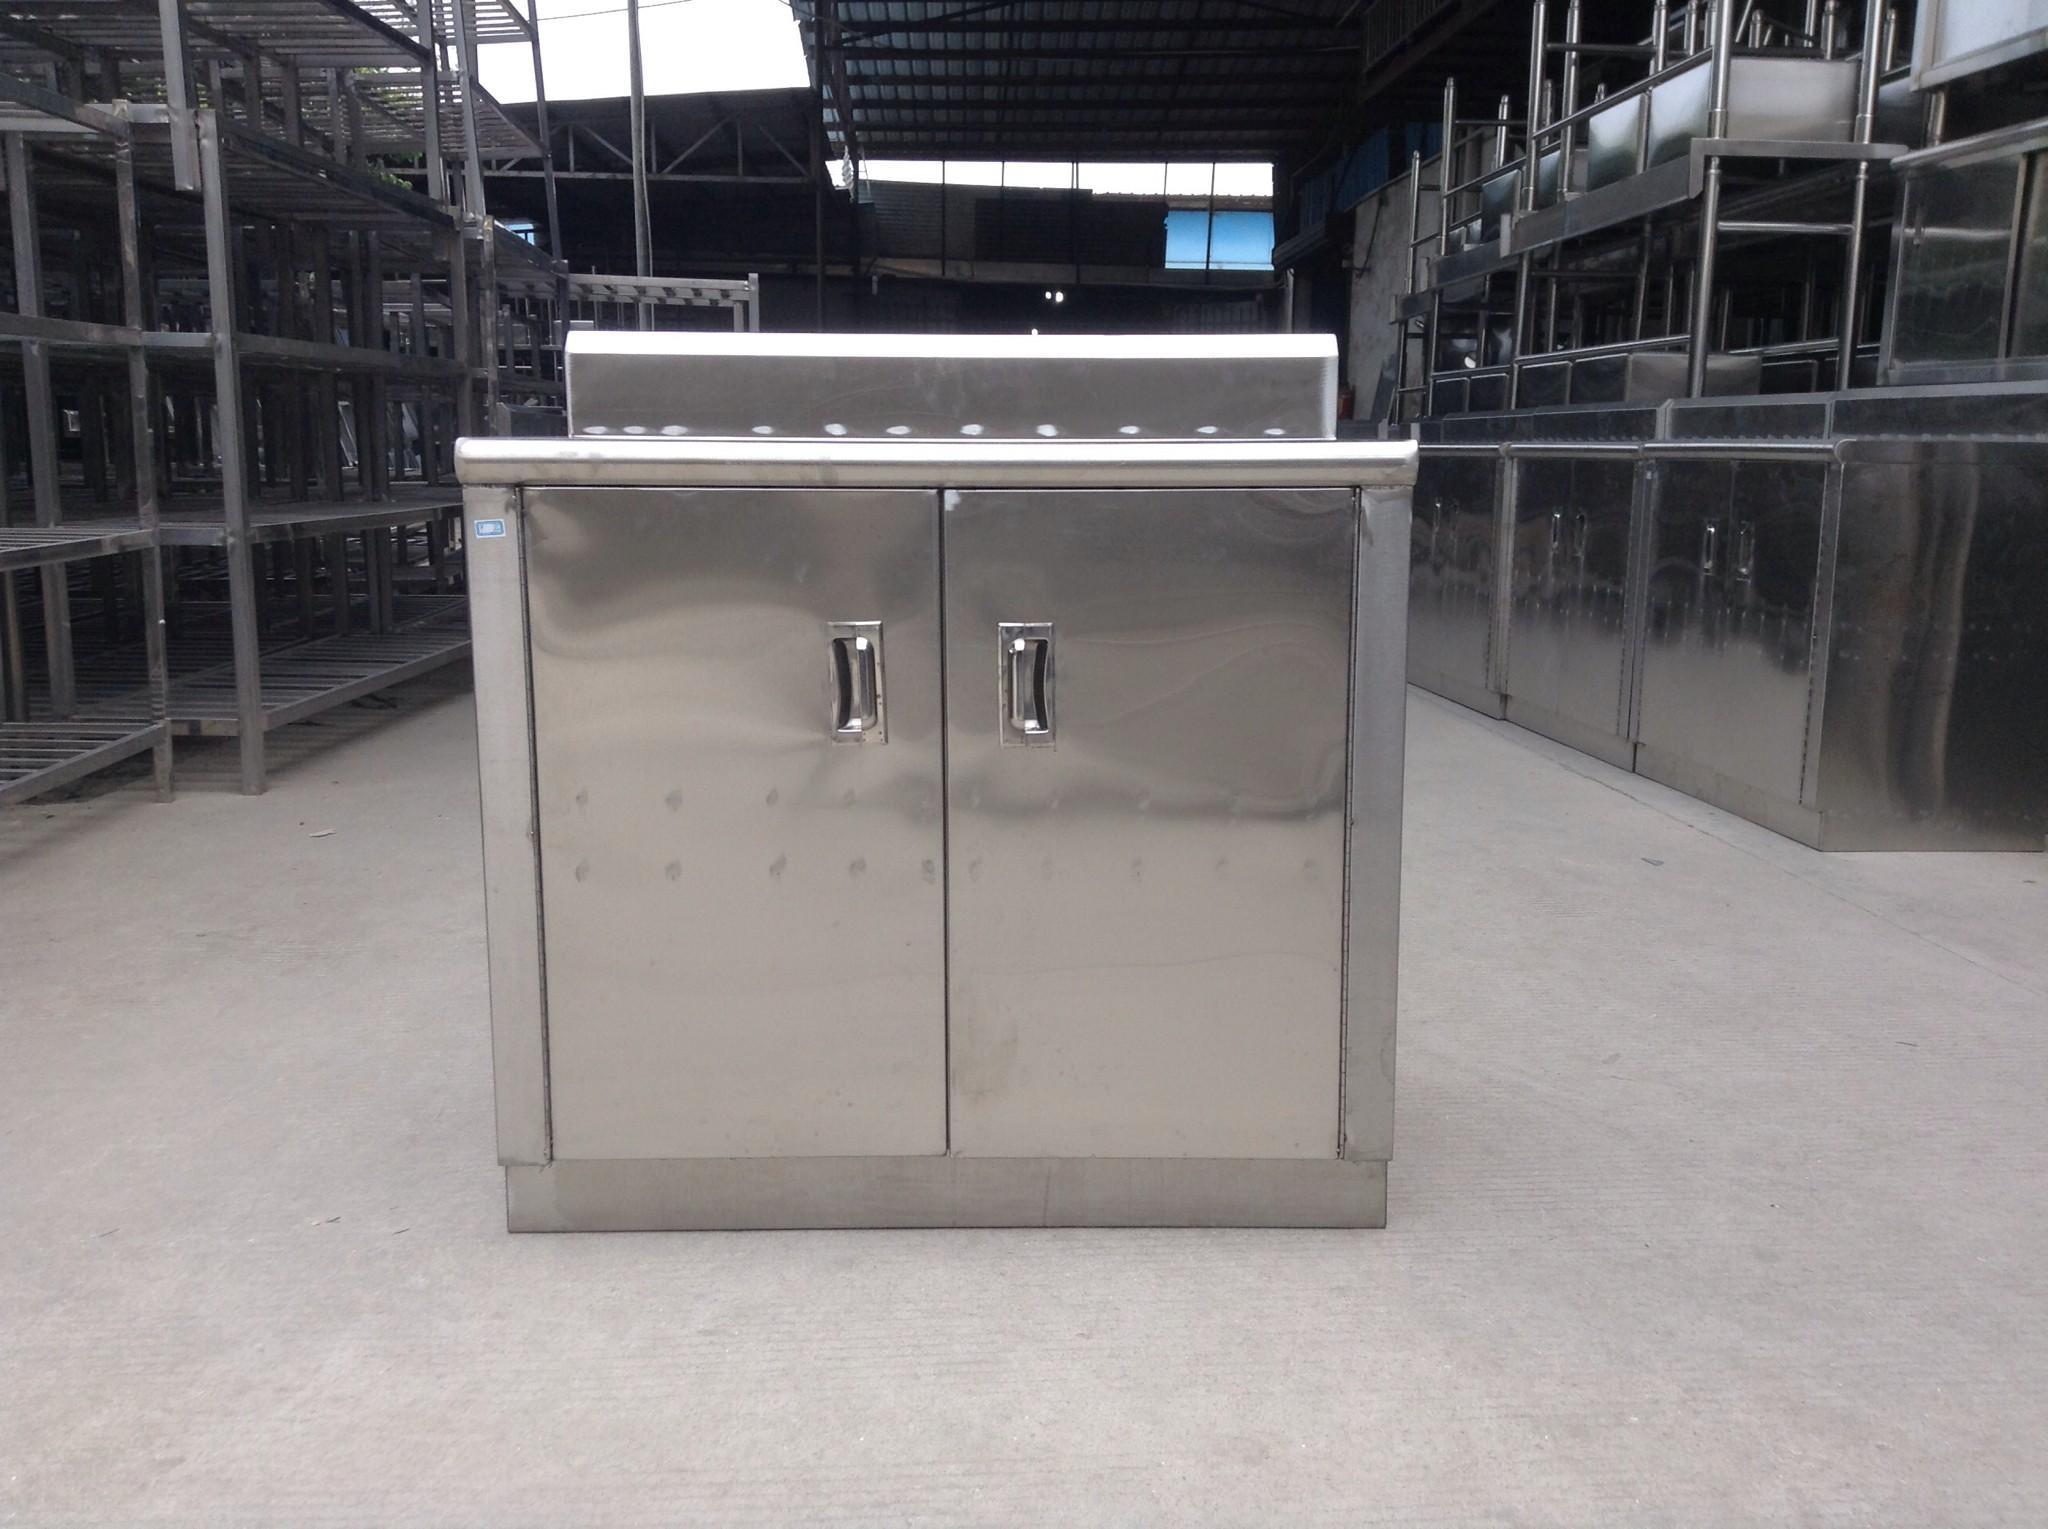 不鏽鋼櫃簡易櫥櫃不鏽鋼廚櫃廚房櫃碗櫃灶台櫃儲物櫃小柜子餐邊